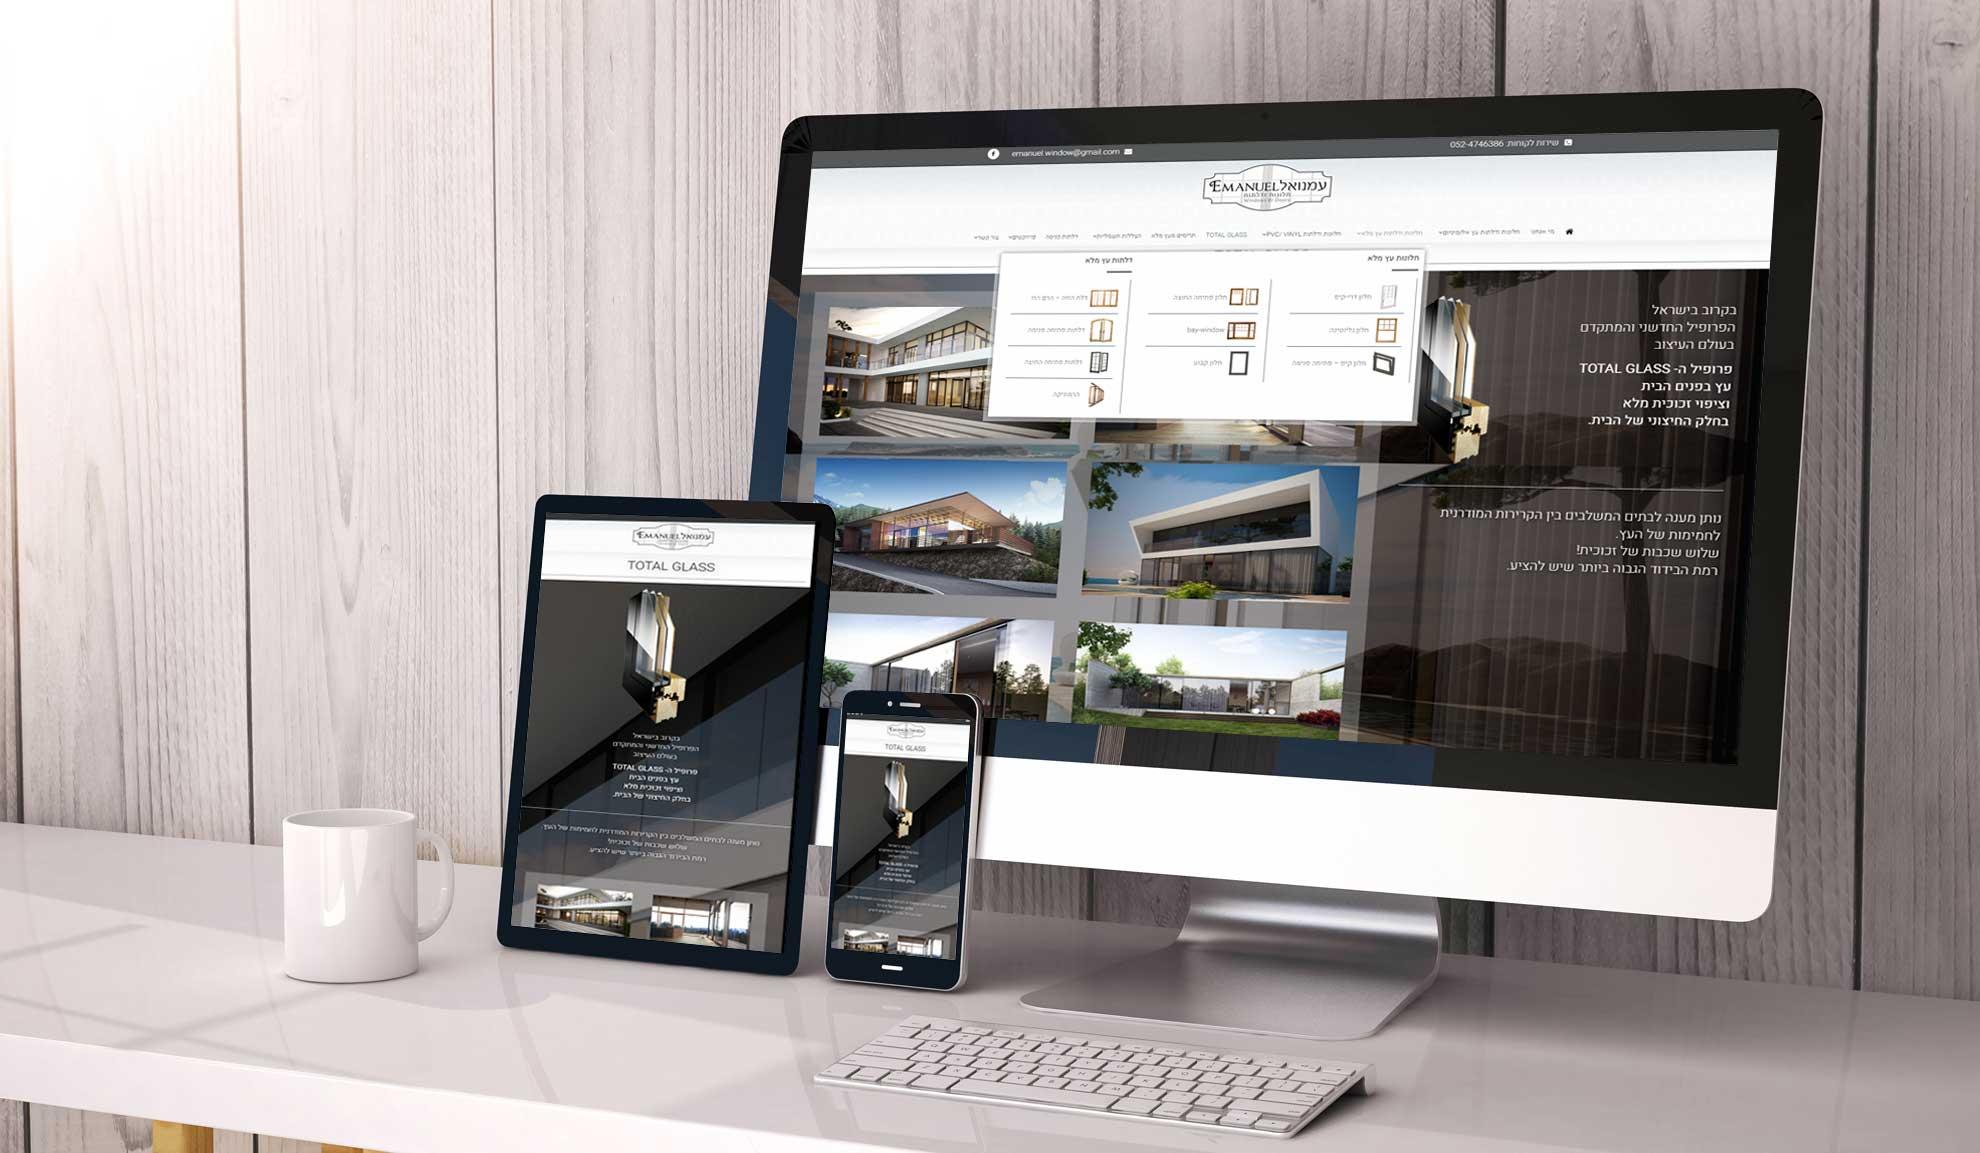 מעוף עיצובים-עיצוב ובניית אתר תדמיתי עמנואל חלונות ודלתות